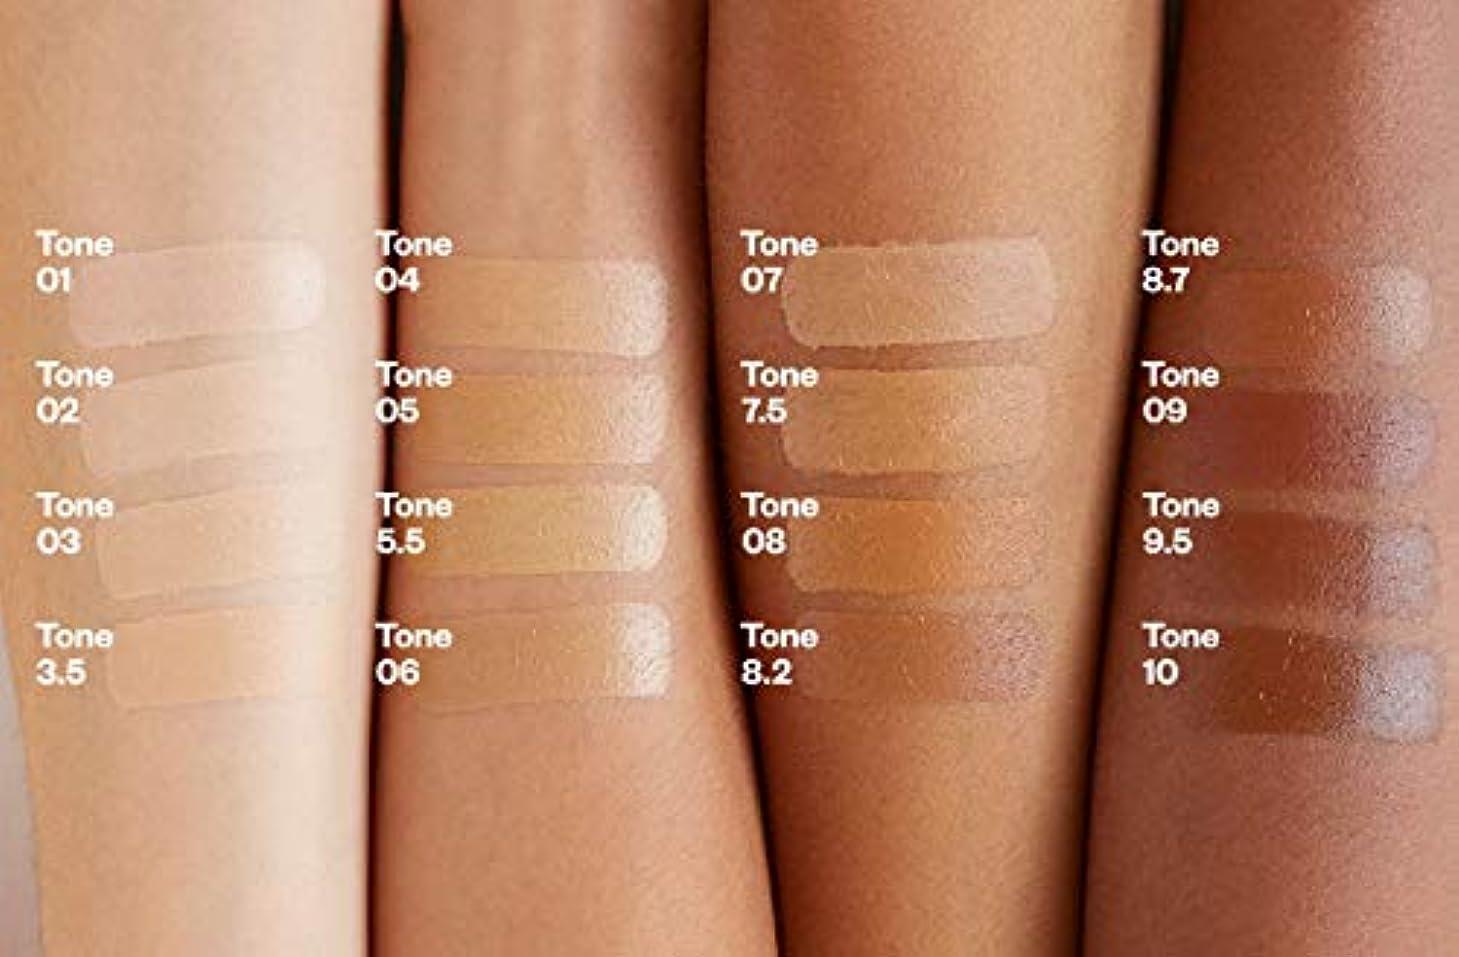 台風偽善ベリKOSAS Tinted Face Oil Foundation (Tone 7.5)